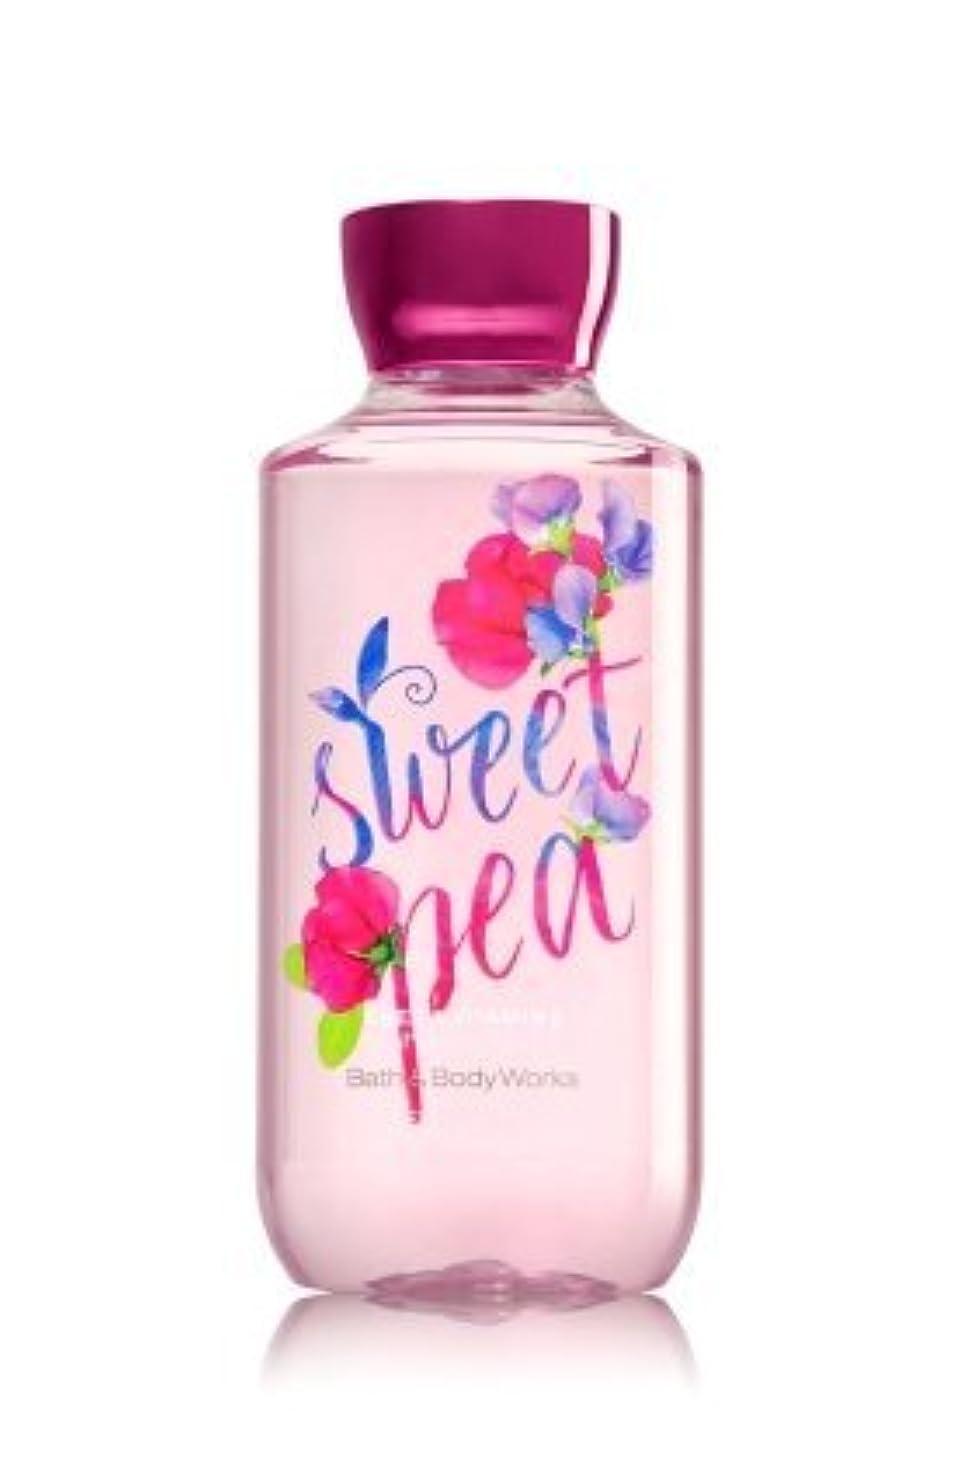 感性ミュウミュウシビック【Bath&Body Works/バス&ボディワークス】 シャワージェル スイートピー Shower Gel Sweet Pea 10 fl oz / 295 mL [並行輸入品]